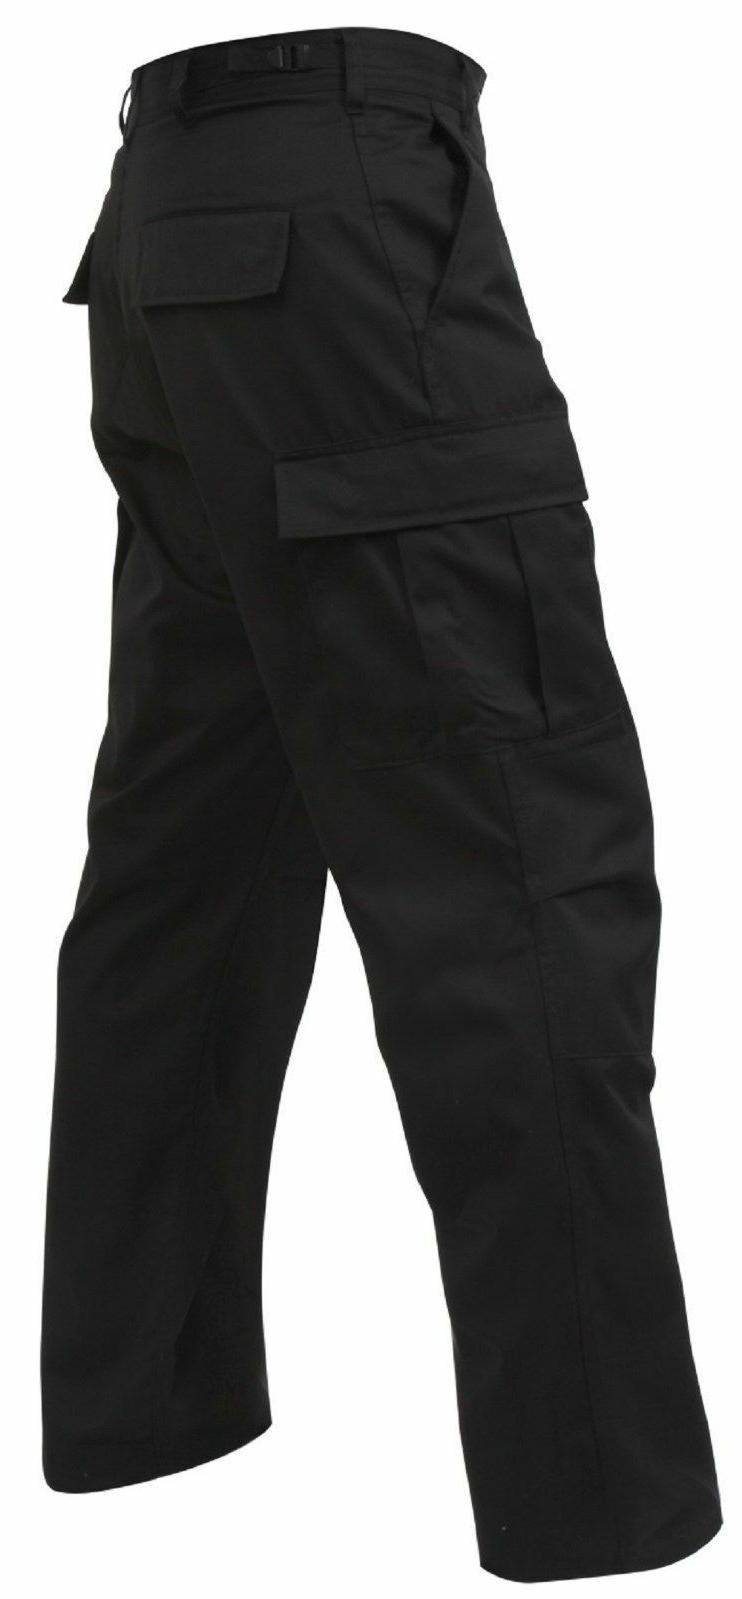 black mens 5923 bdu pants 100 percent